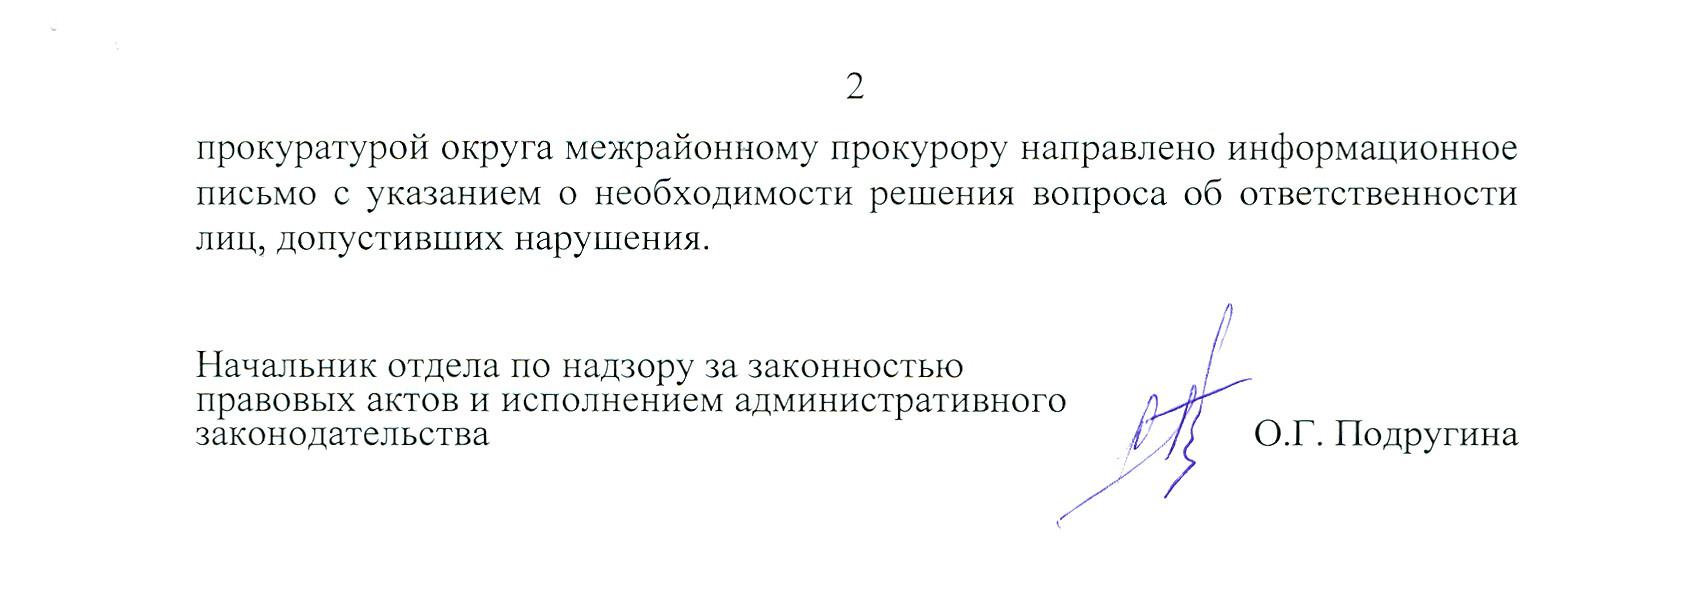 15-02-10- ответ сканирование0002-mark